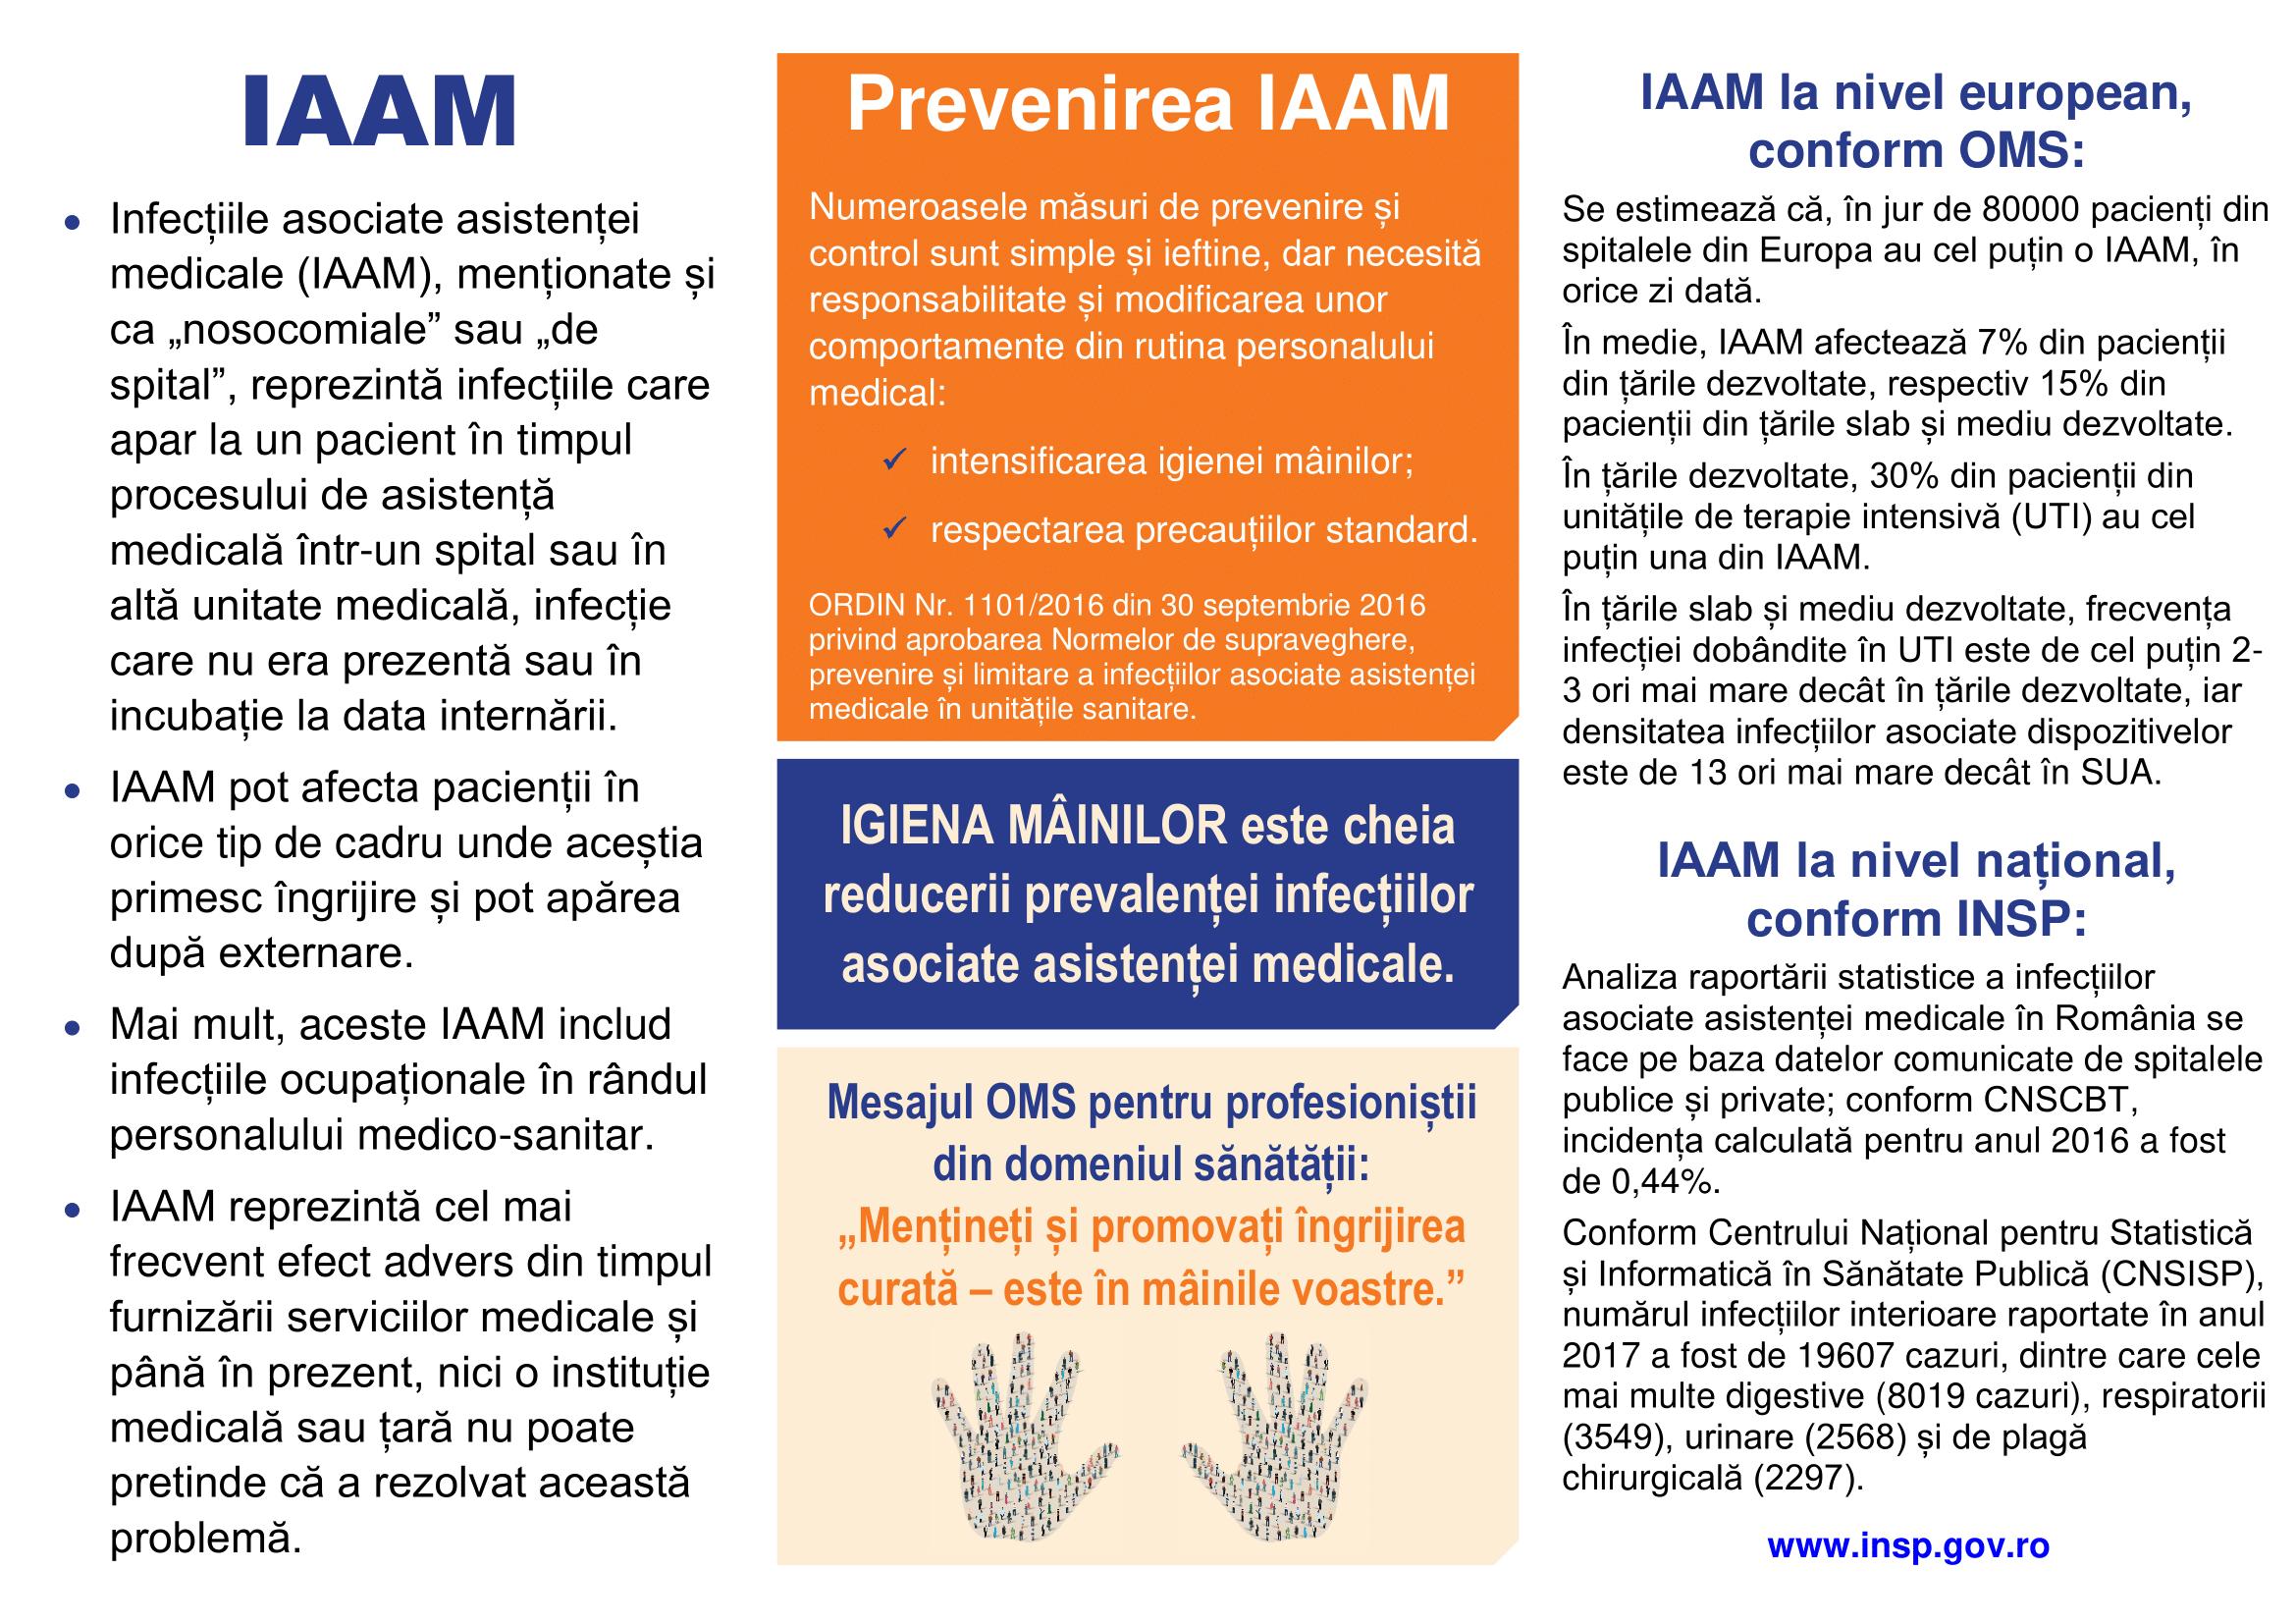 http://www.medstar2000.ro/wp-content/uploads/2019/07/igiena-mainilor-in-spitale.png